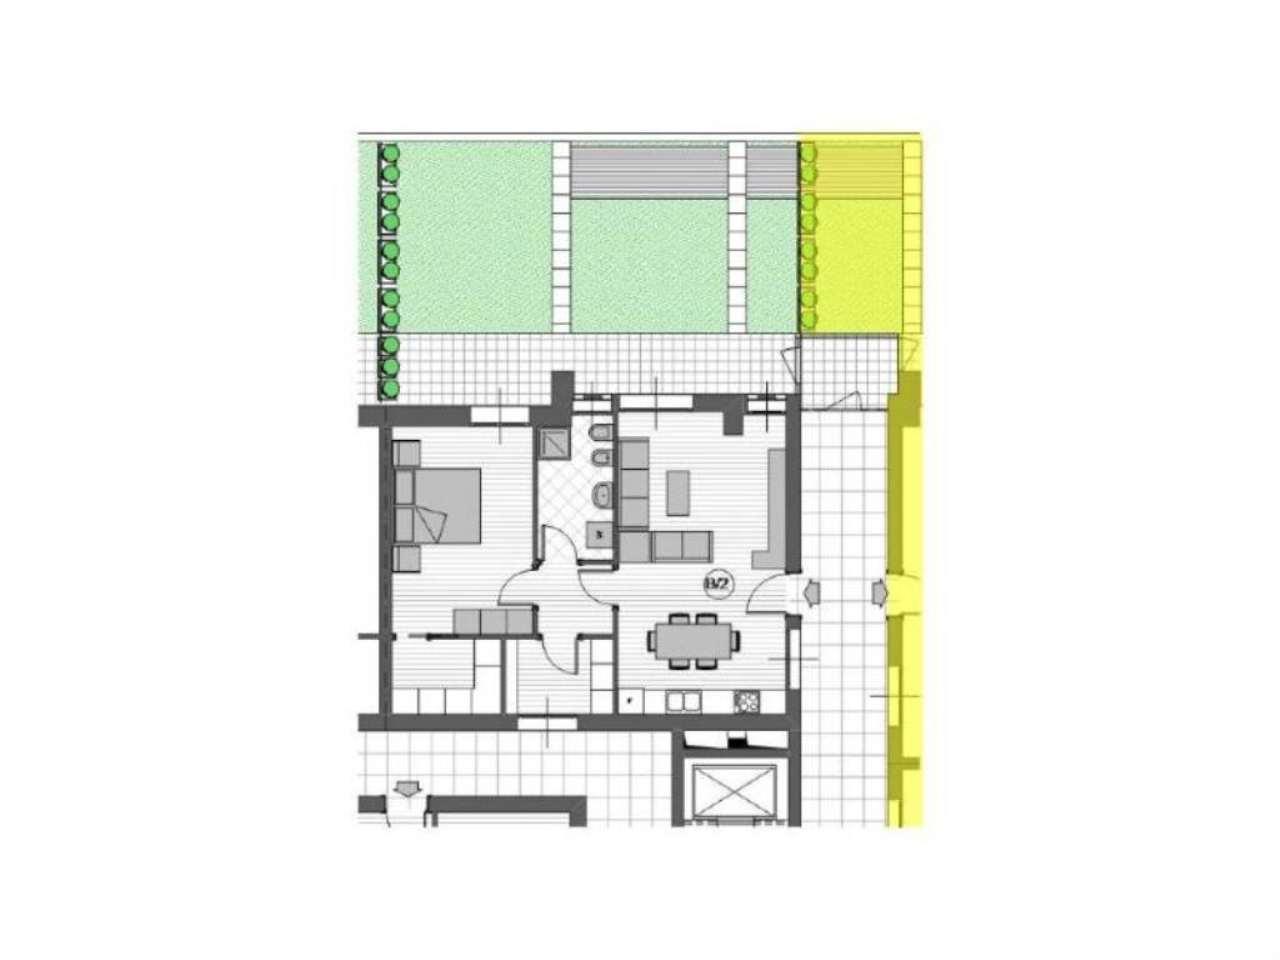 Affitto  bilocale Villasanta Via Ettore Fieramosca 1 864630